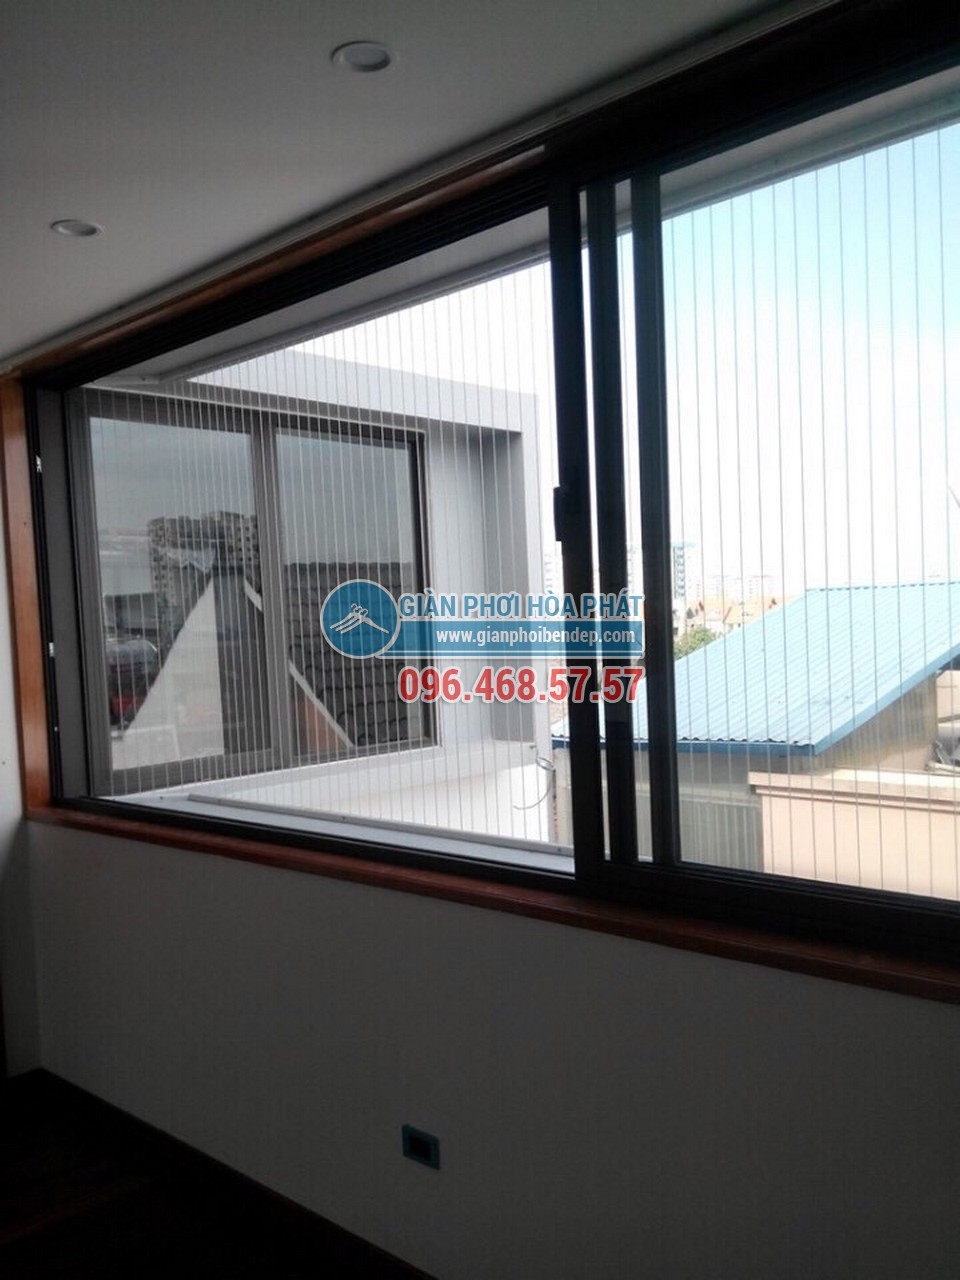 Ban công đẹp ngỡ ngàng nhờ lắp đặt lưới an toàn nhà chị Đào, KĐT Mỗ Lao - 06